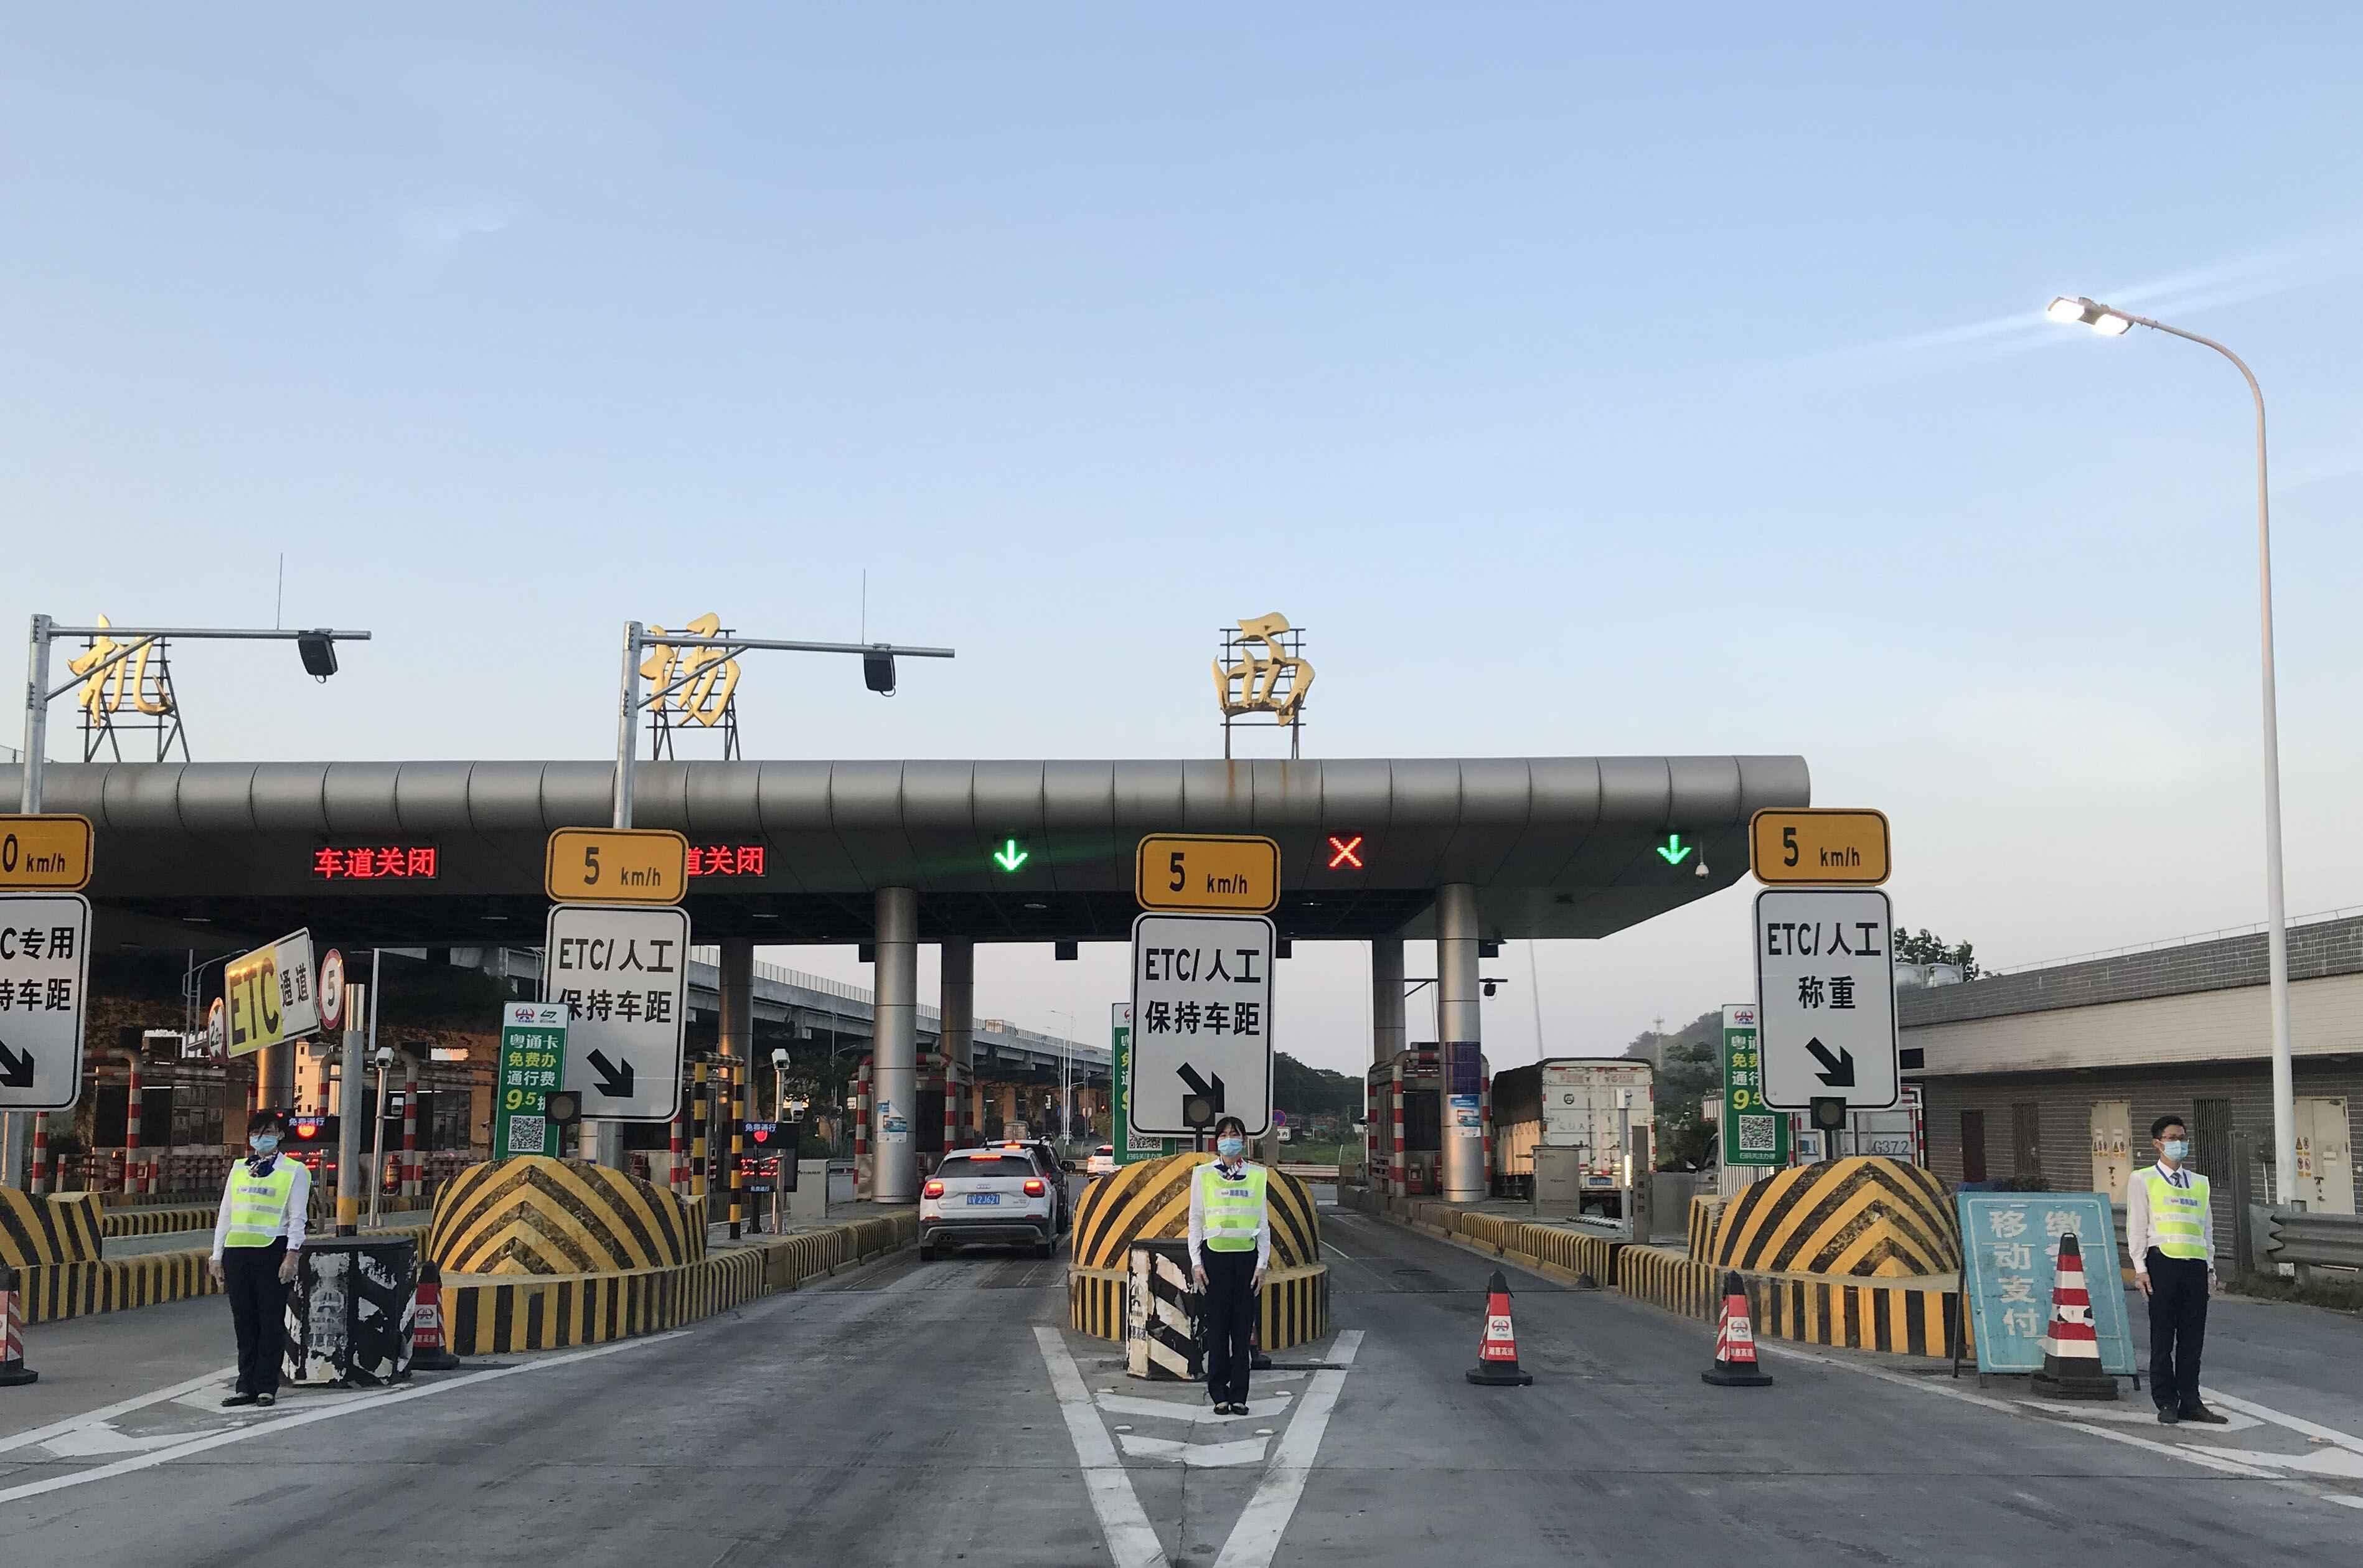 广东省交通运输厅:5月6日起用ET